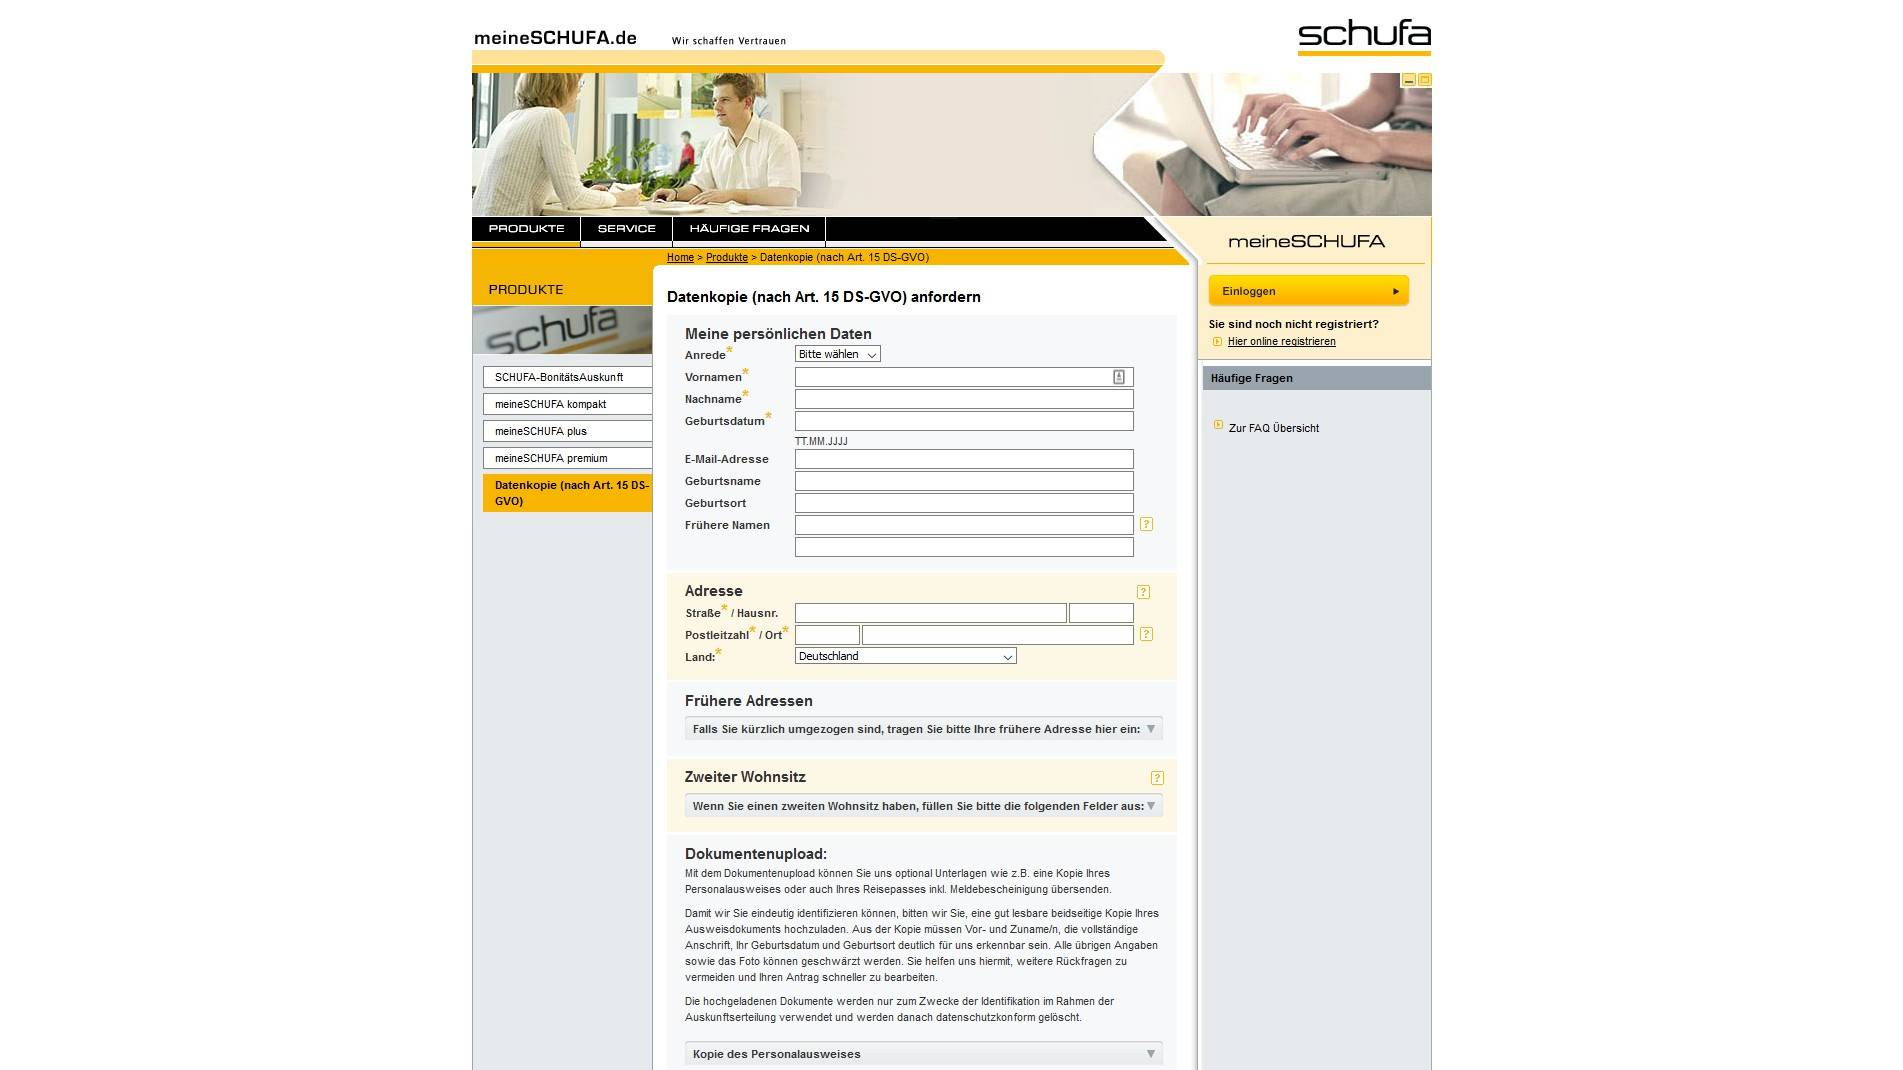 По какой формуле schufa высчитывает уровень кредитоспособности клиента? ► последние новости